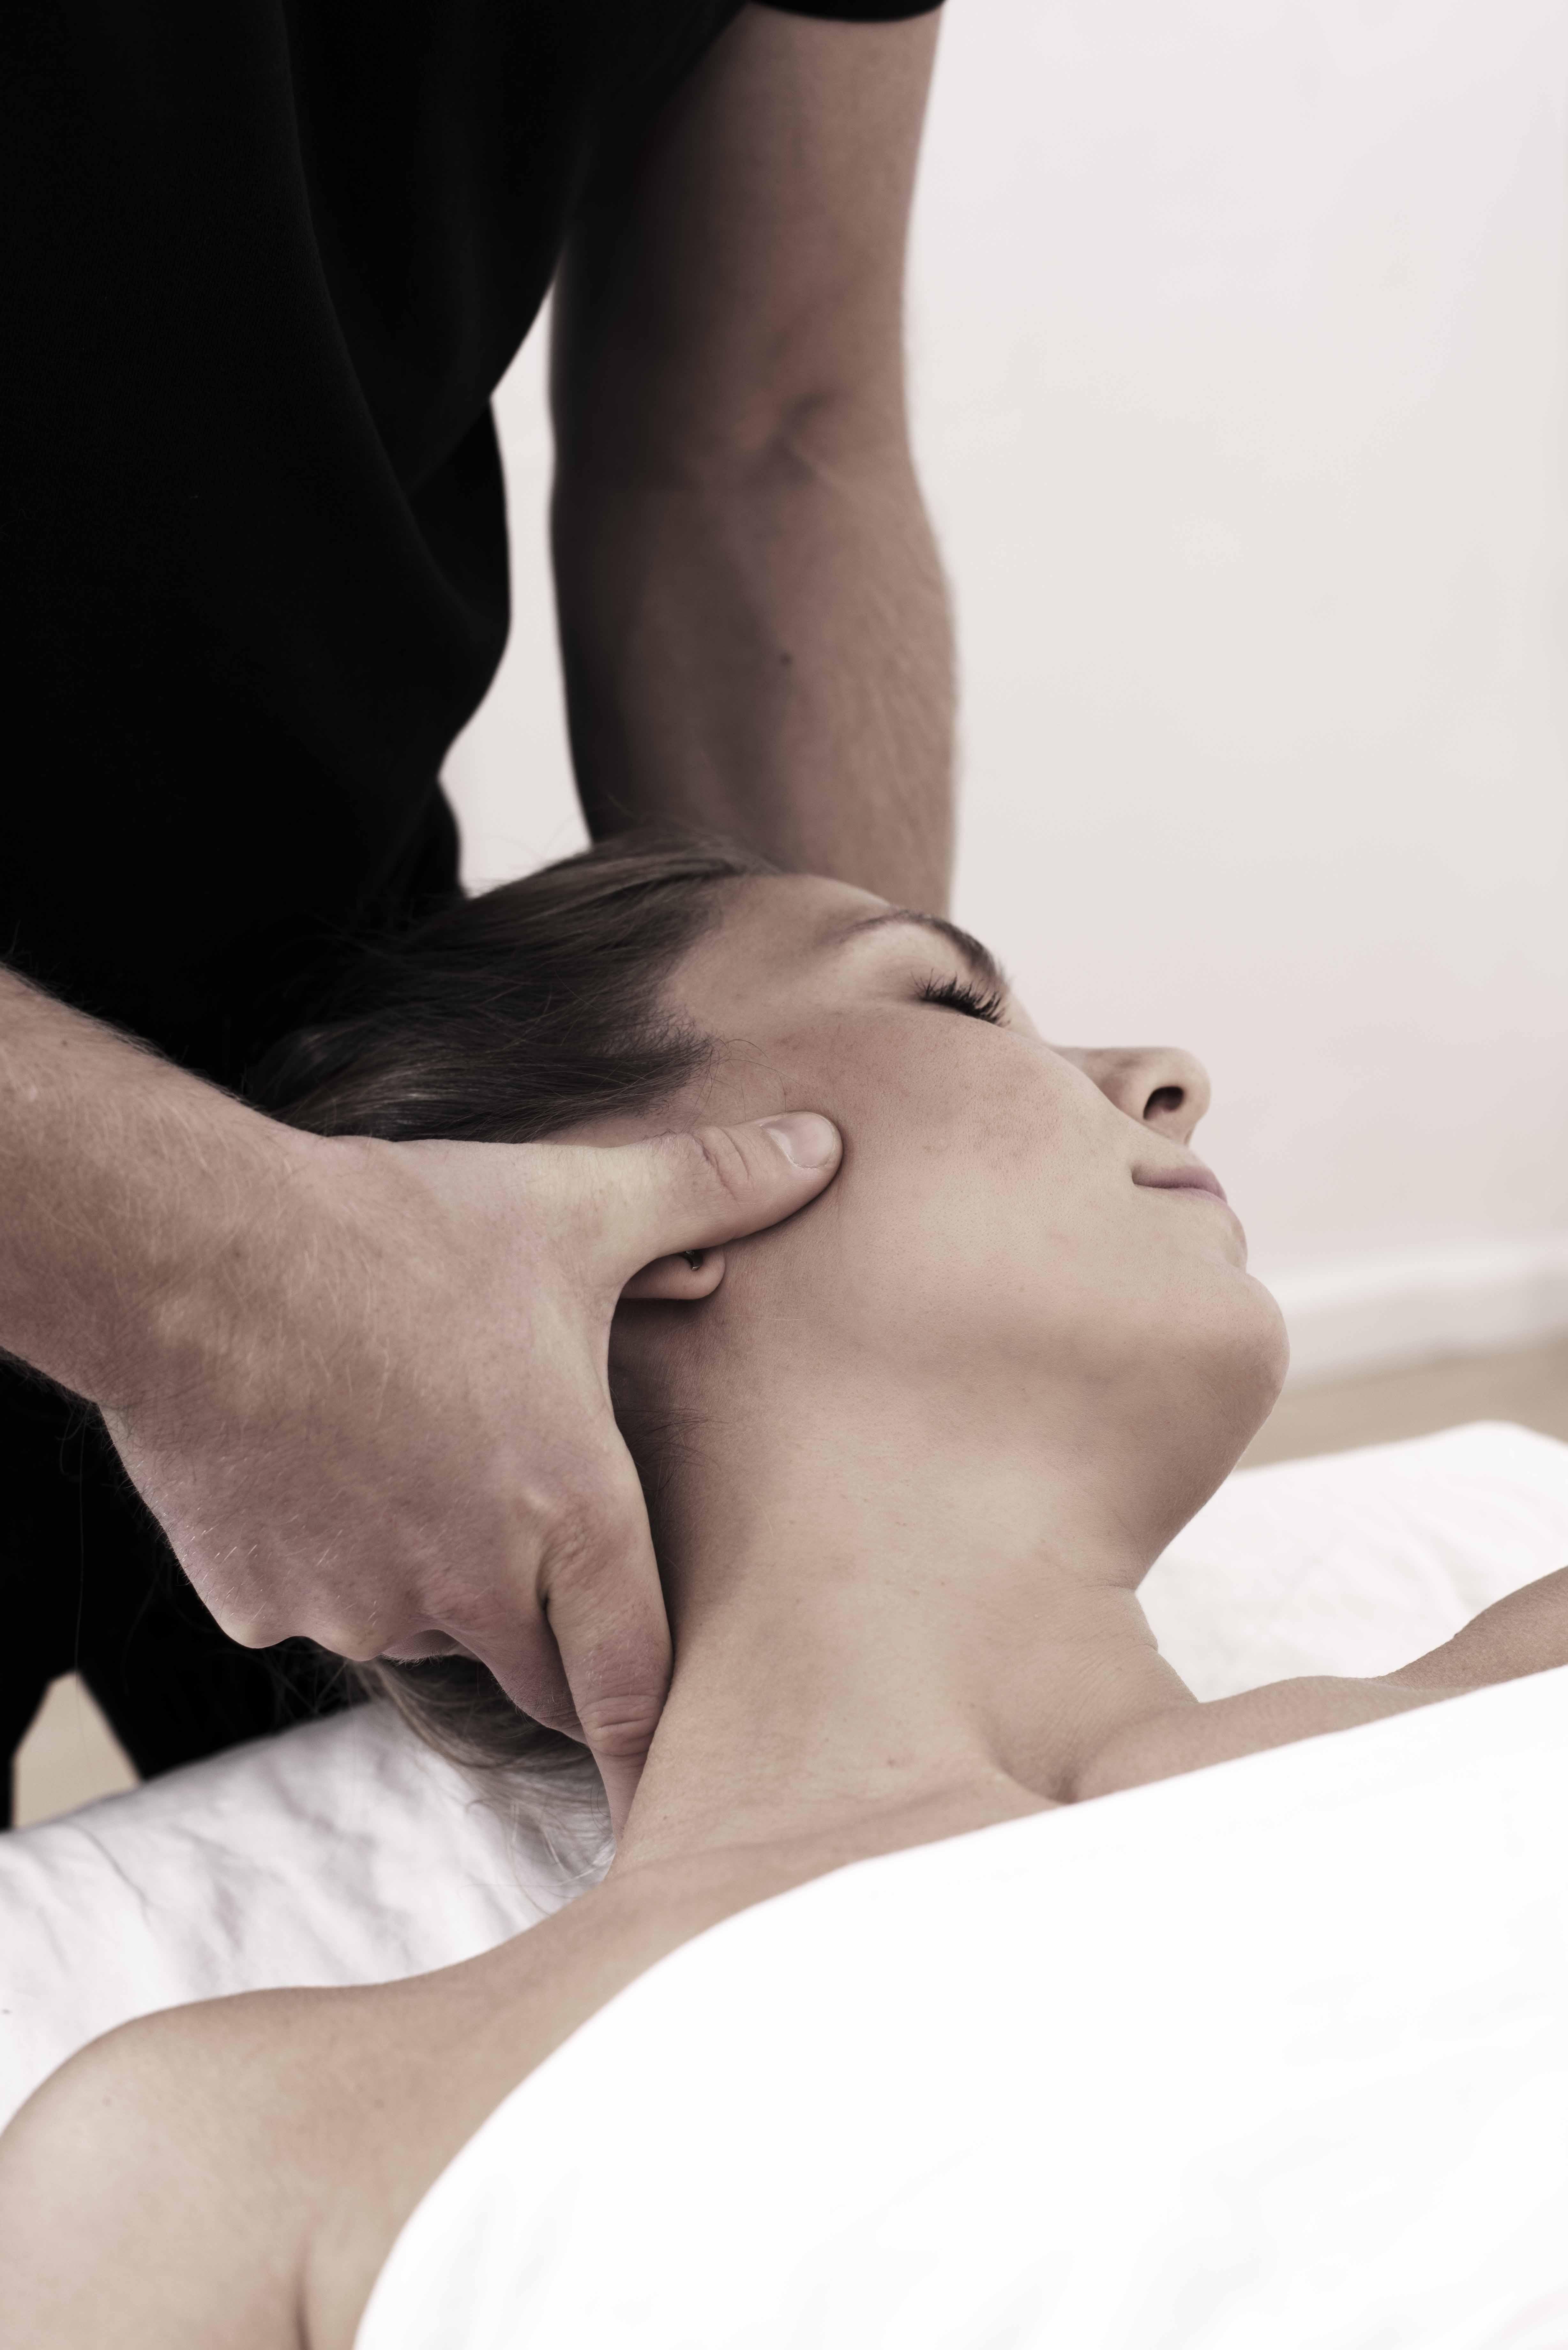 Et foto af Jesper som masserer en kvindes nakke